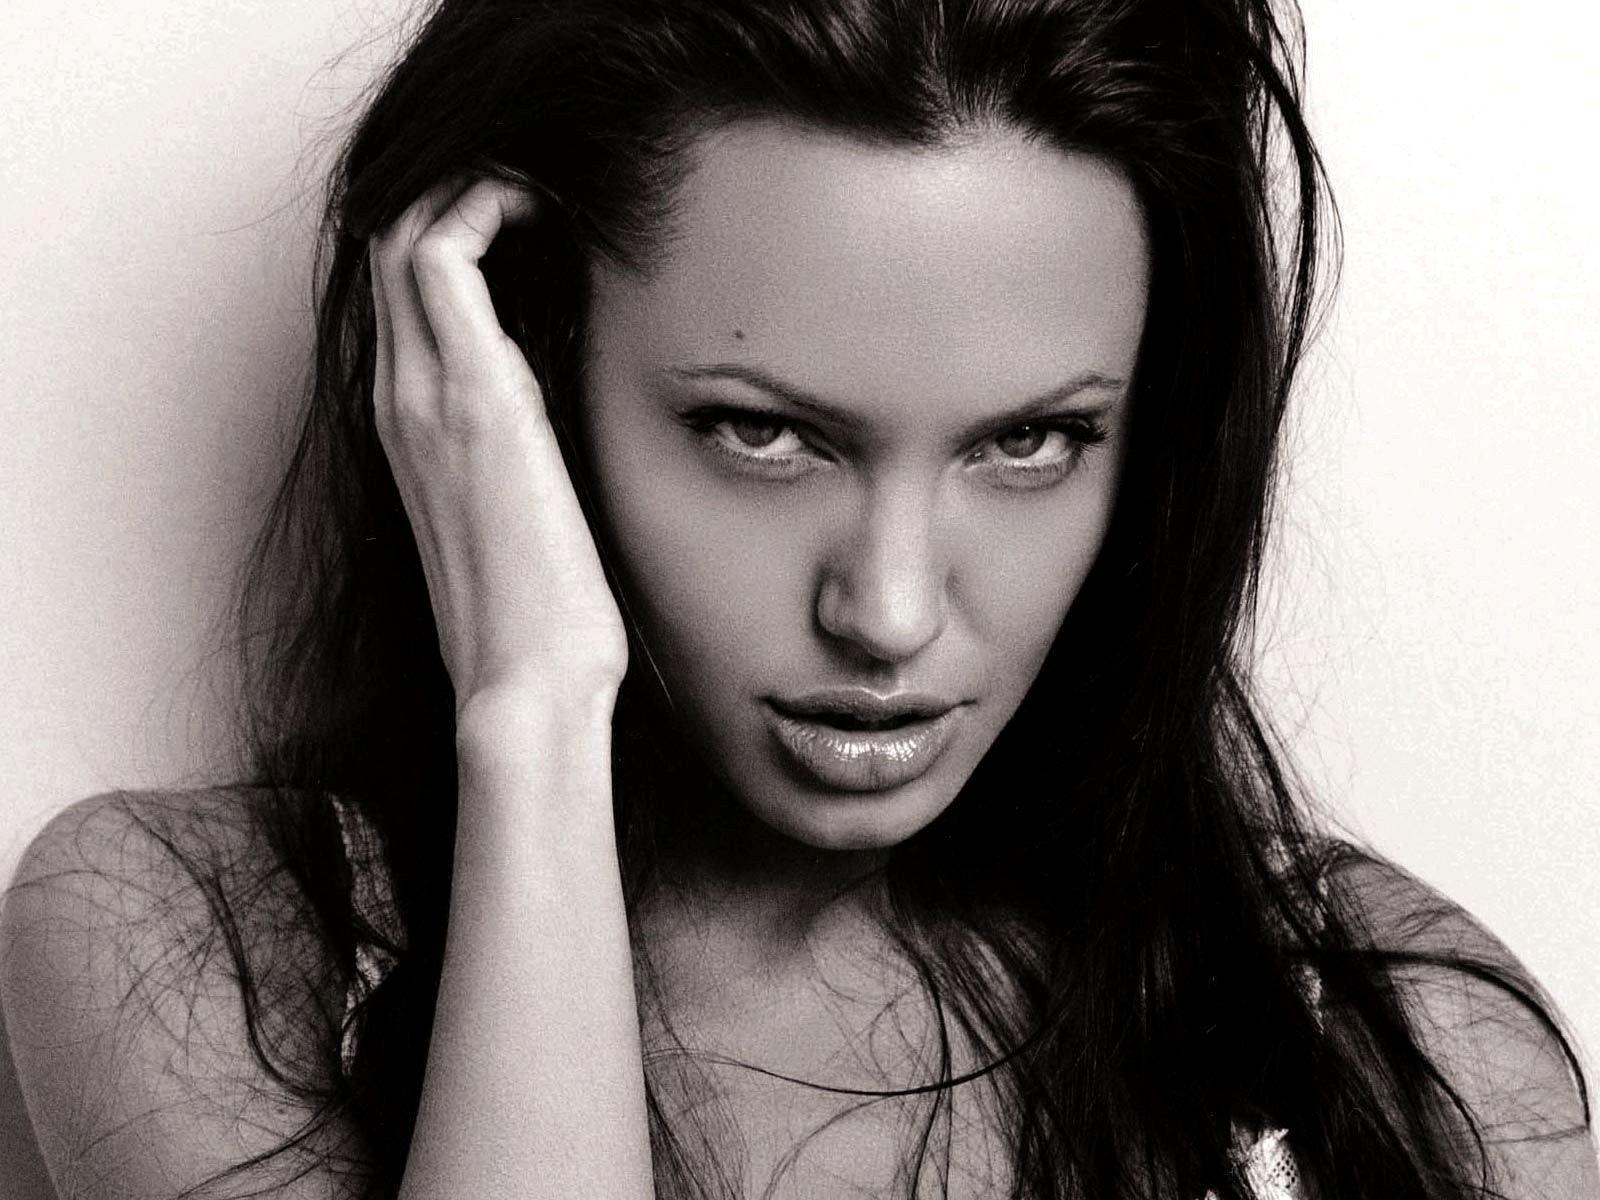 Angelina jolie wallpaper gallery